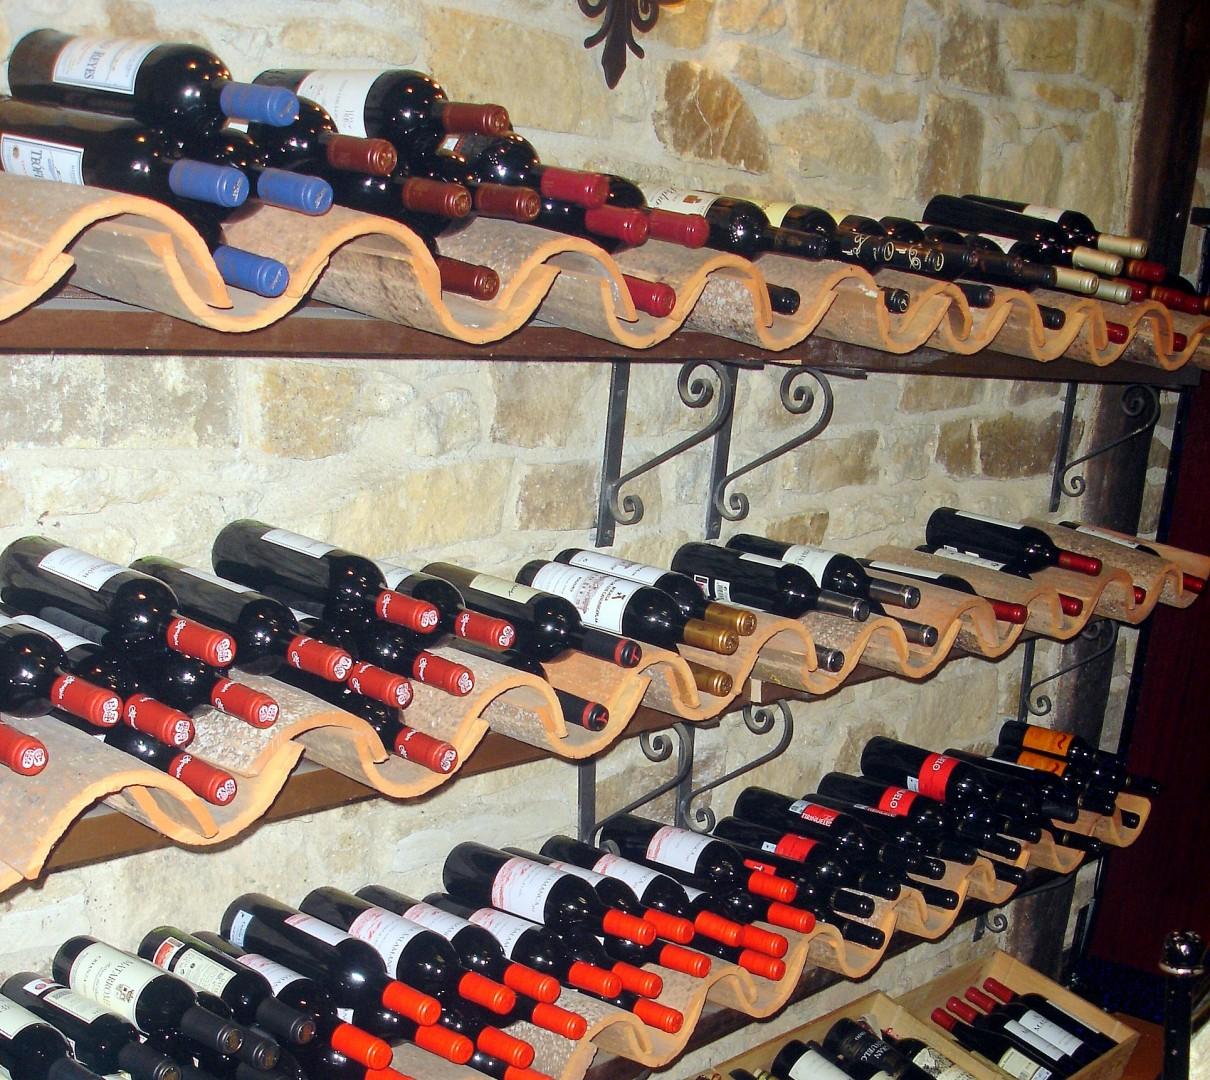 Bodegas de vino en casa images for Bodegas rusticas caseras